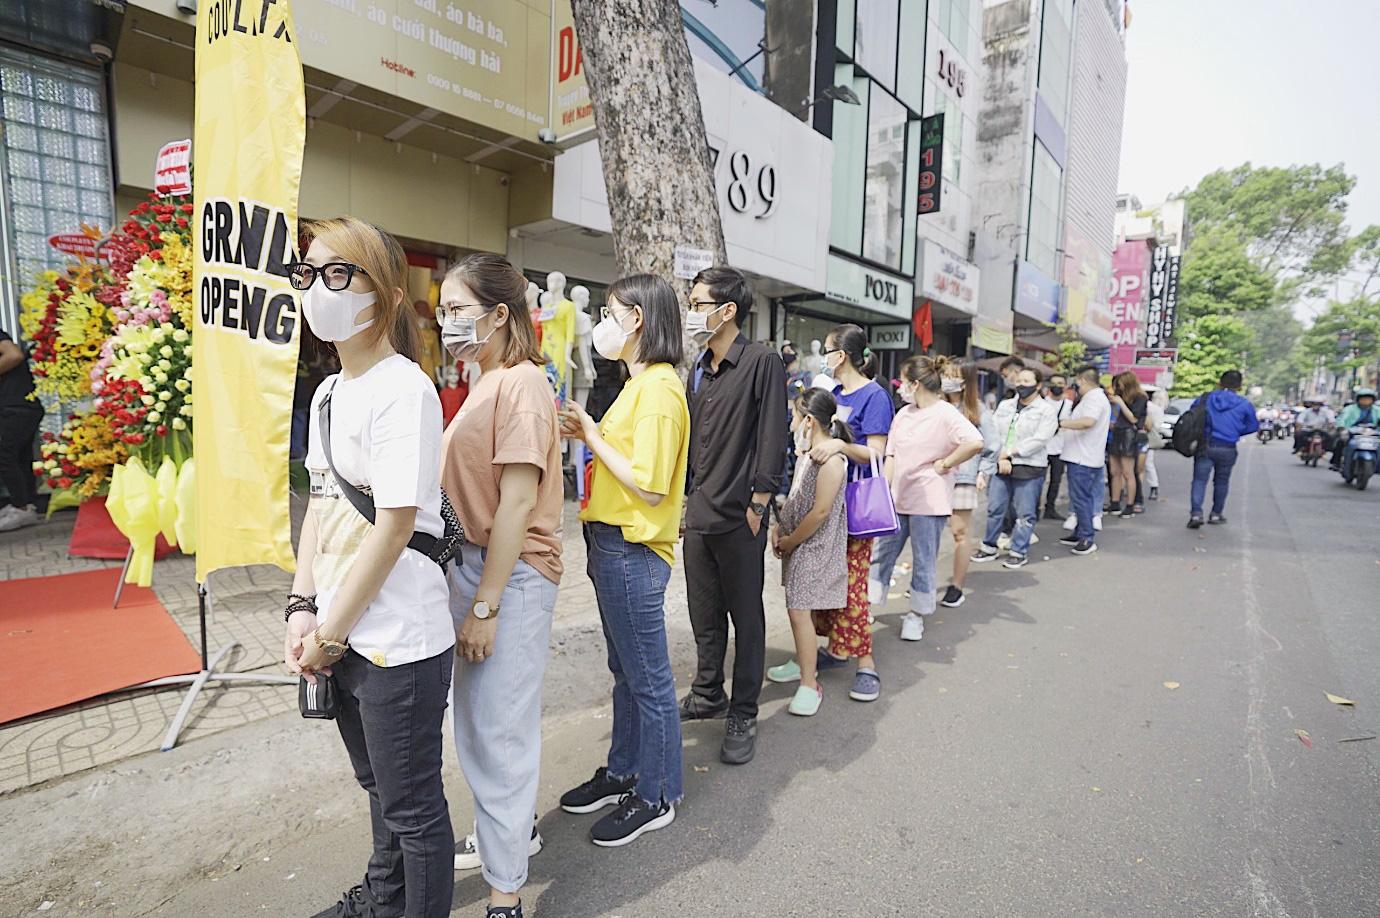 Hàng dài người xếp hàng chờ khai trương cửa hàng Couple TX - Ảnh 1.